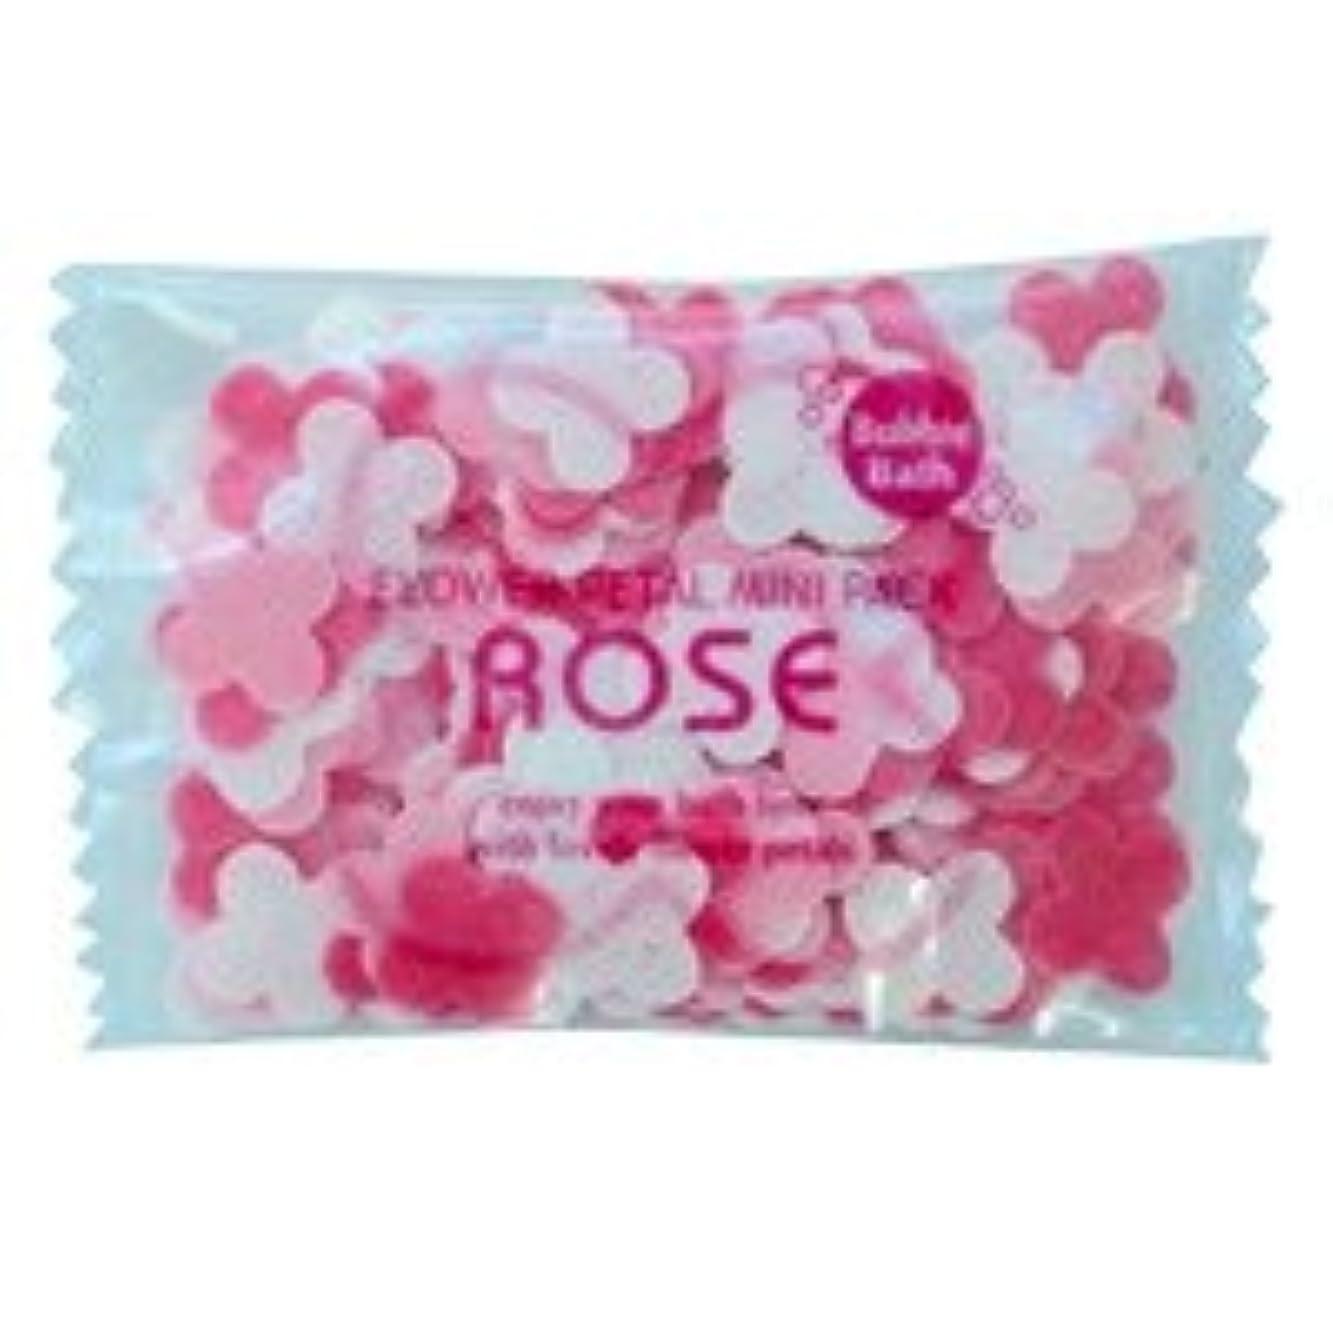 読書をする困難コットンフラワーペタル バブルバス ミニパック「ローズ」20個セット ハッピーな気分になりたい日に幸福感で包んでくれる華やかなローズの香り